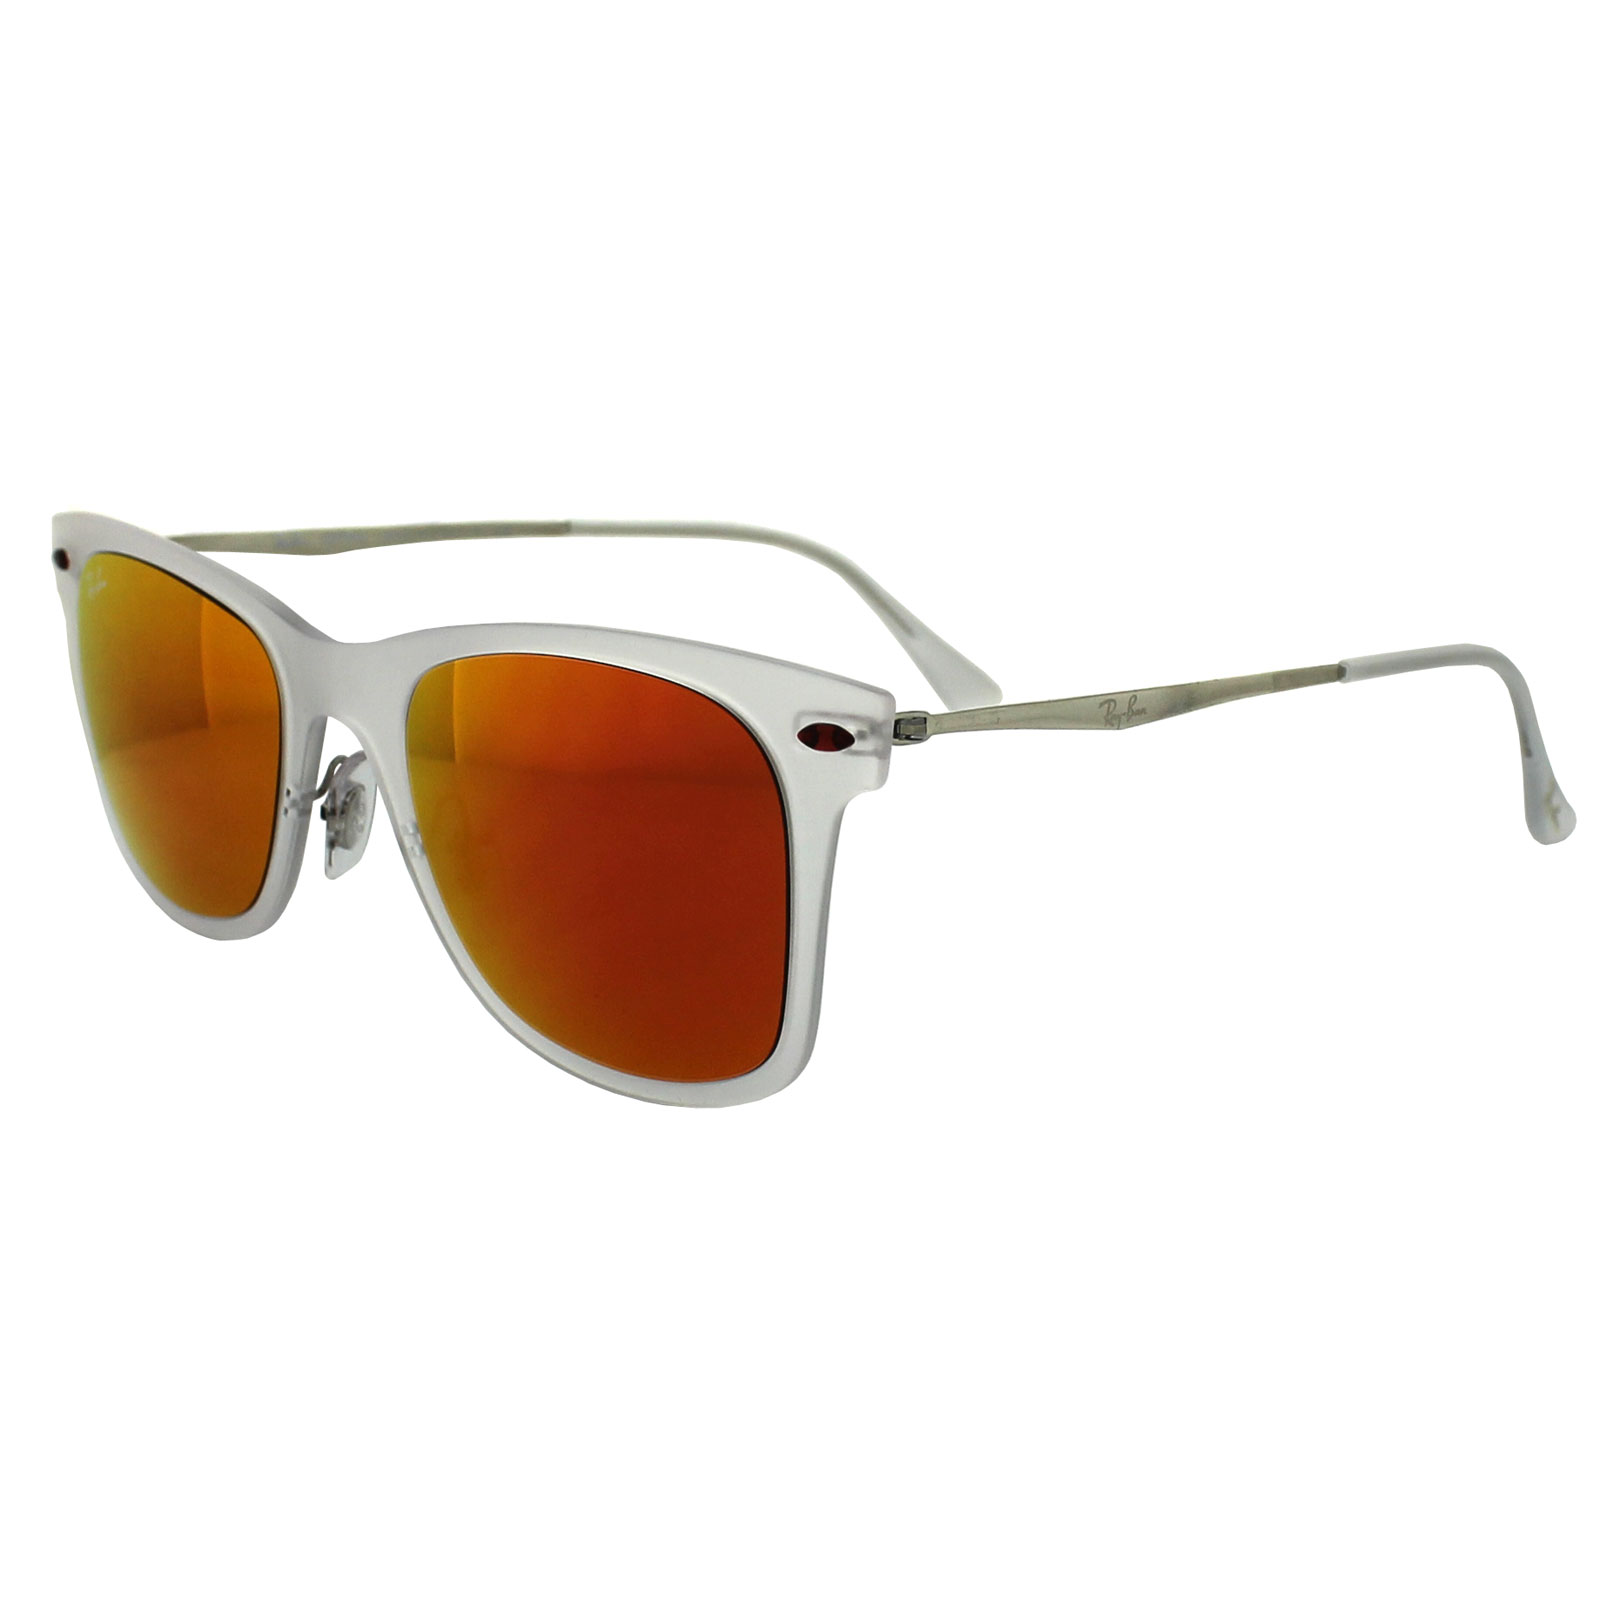 where can i buy cheap ray ban sunglasses  Ray ban wayfarer folding price - ShareMedoc